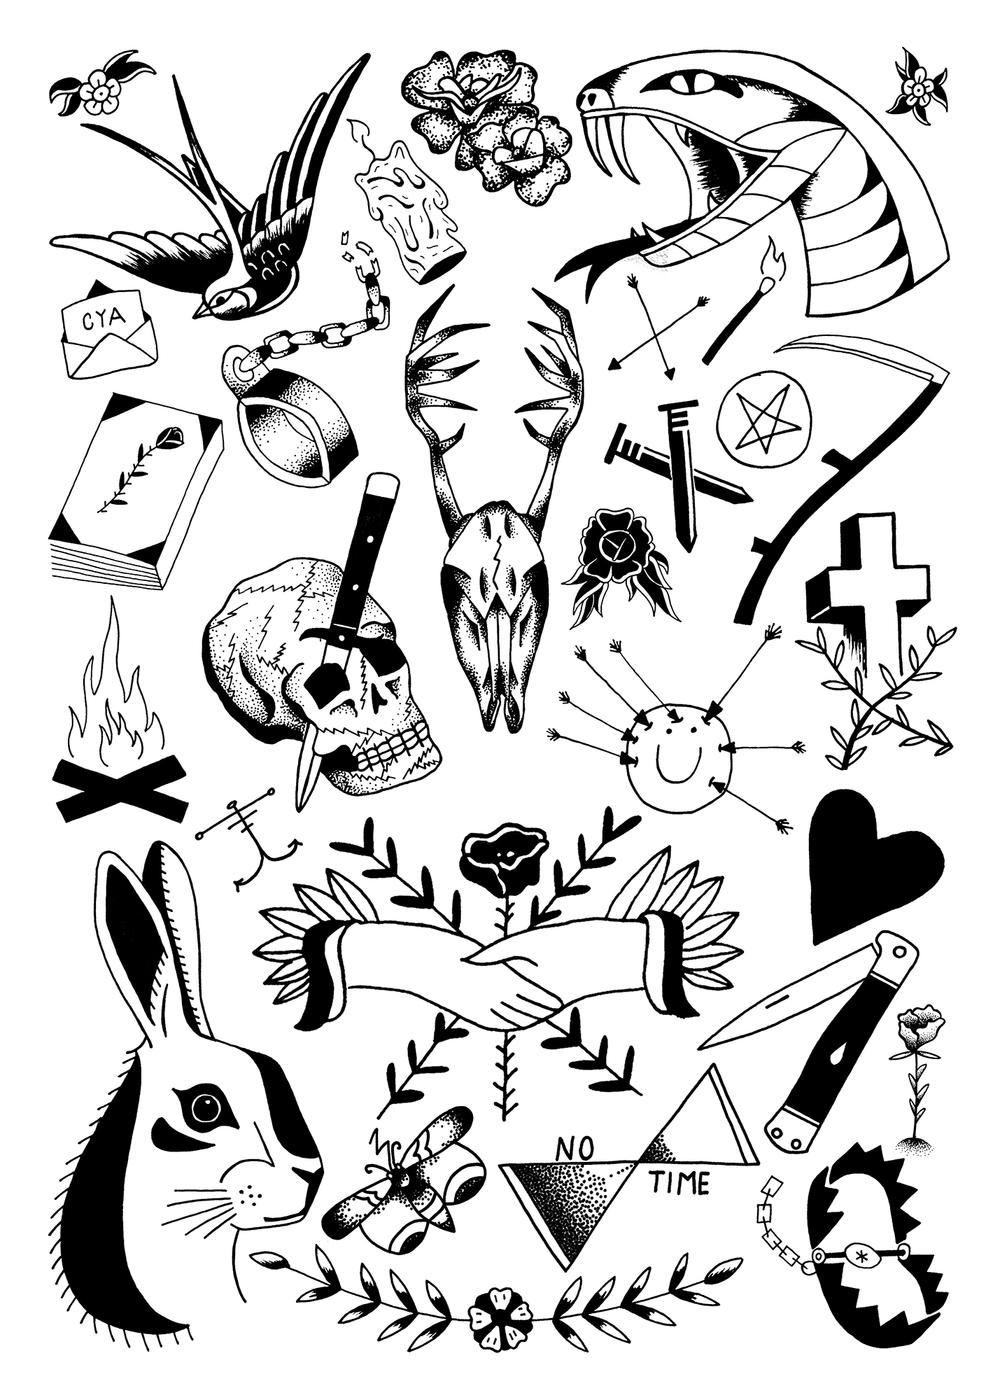 ScreenPrint_Design_TattooFlash_01.jpg